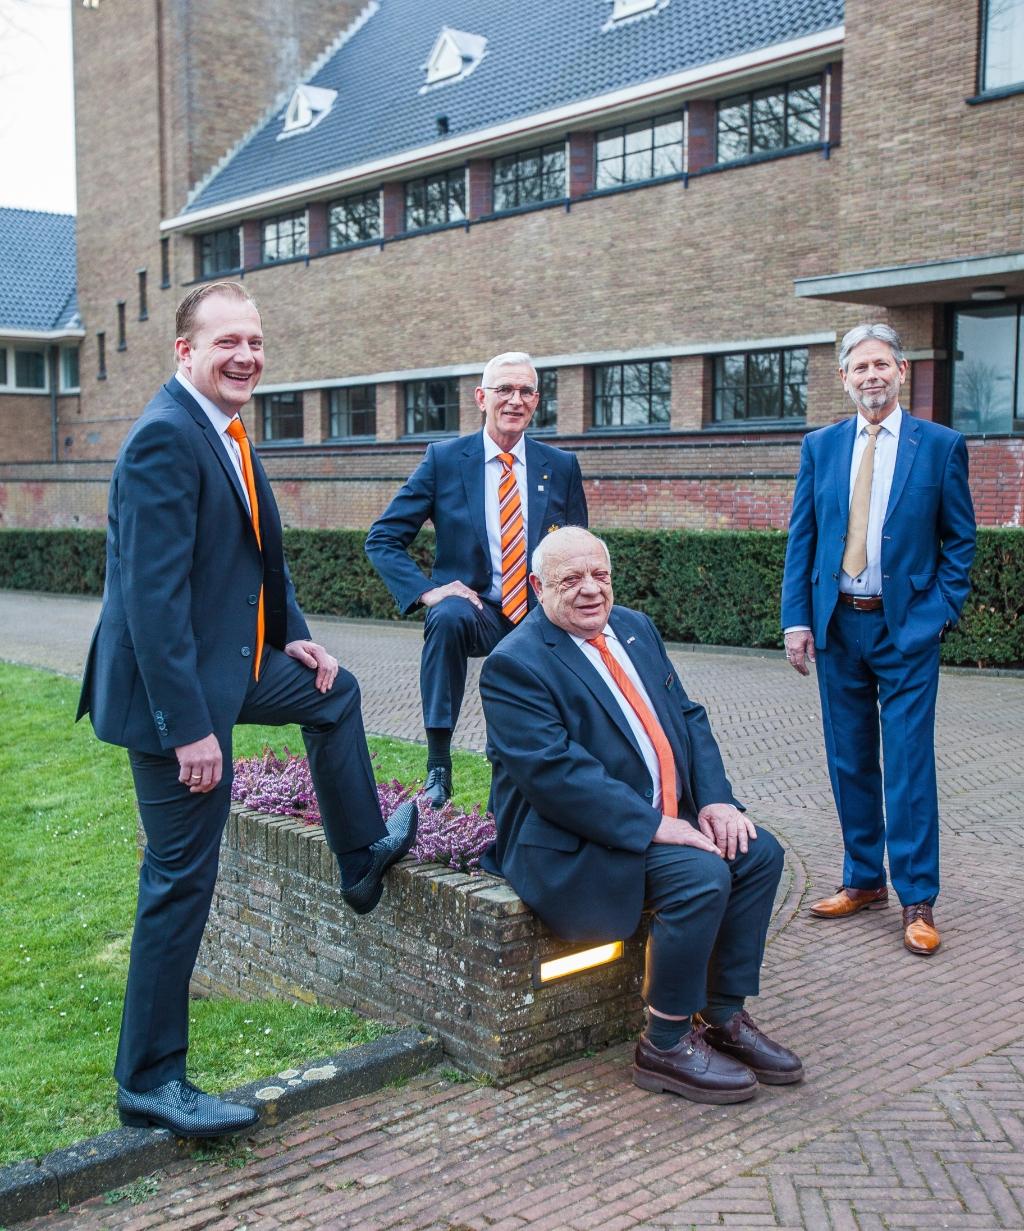 <p><br></p><p>De voorzitters Robert Jan Heemskerk, Cees Maagdelijn, Harry Minnee, en Jan de Winter (v.l.n.r). <br>  Foto: Adrie van Duijvenvoorde</p>